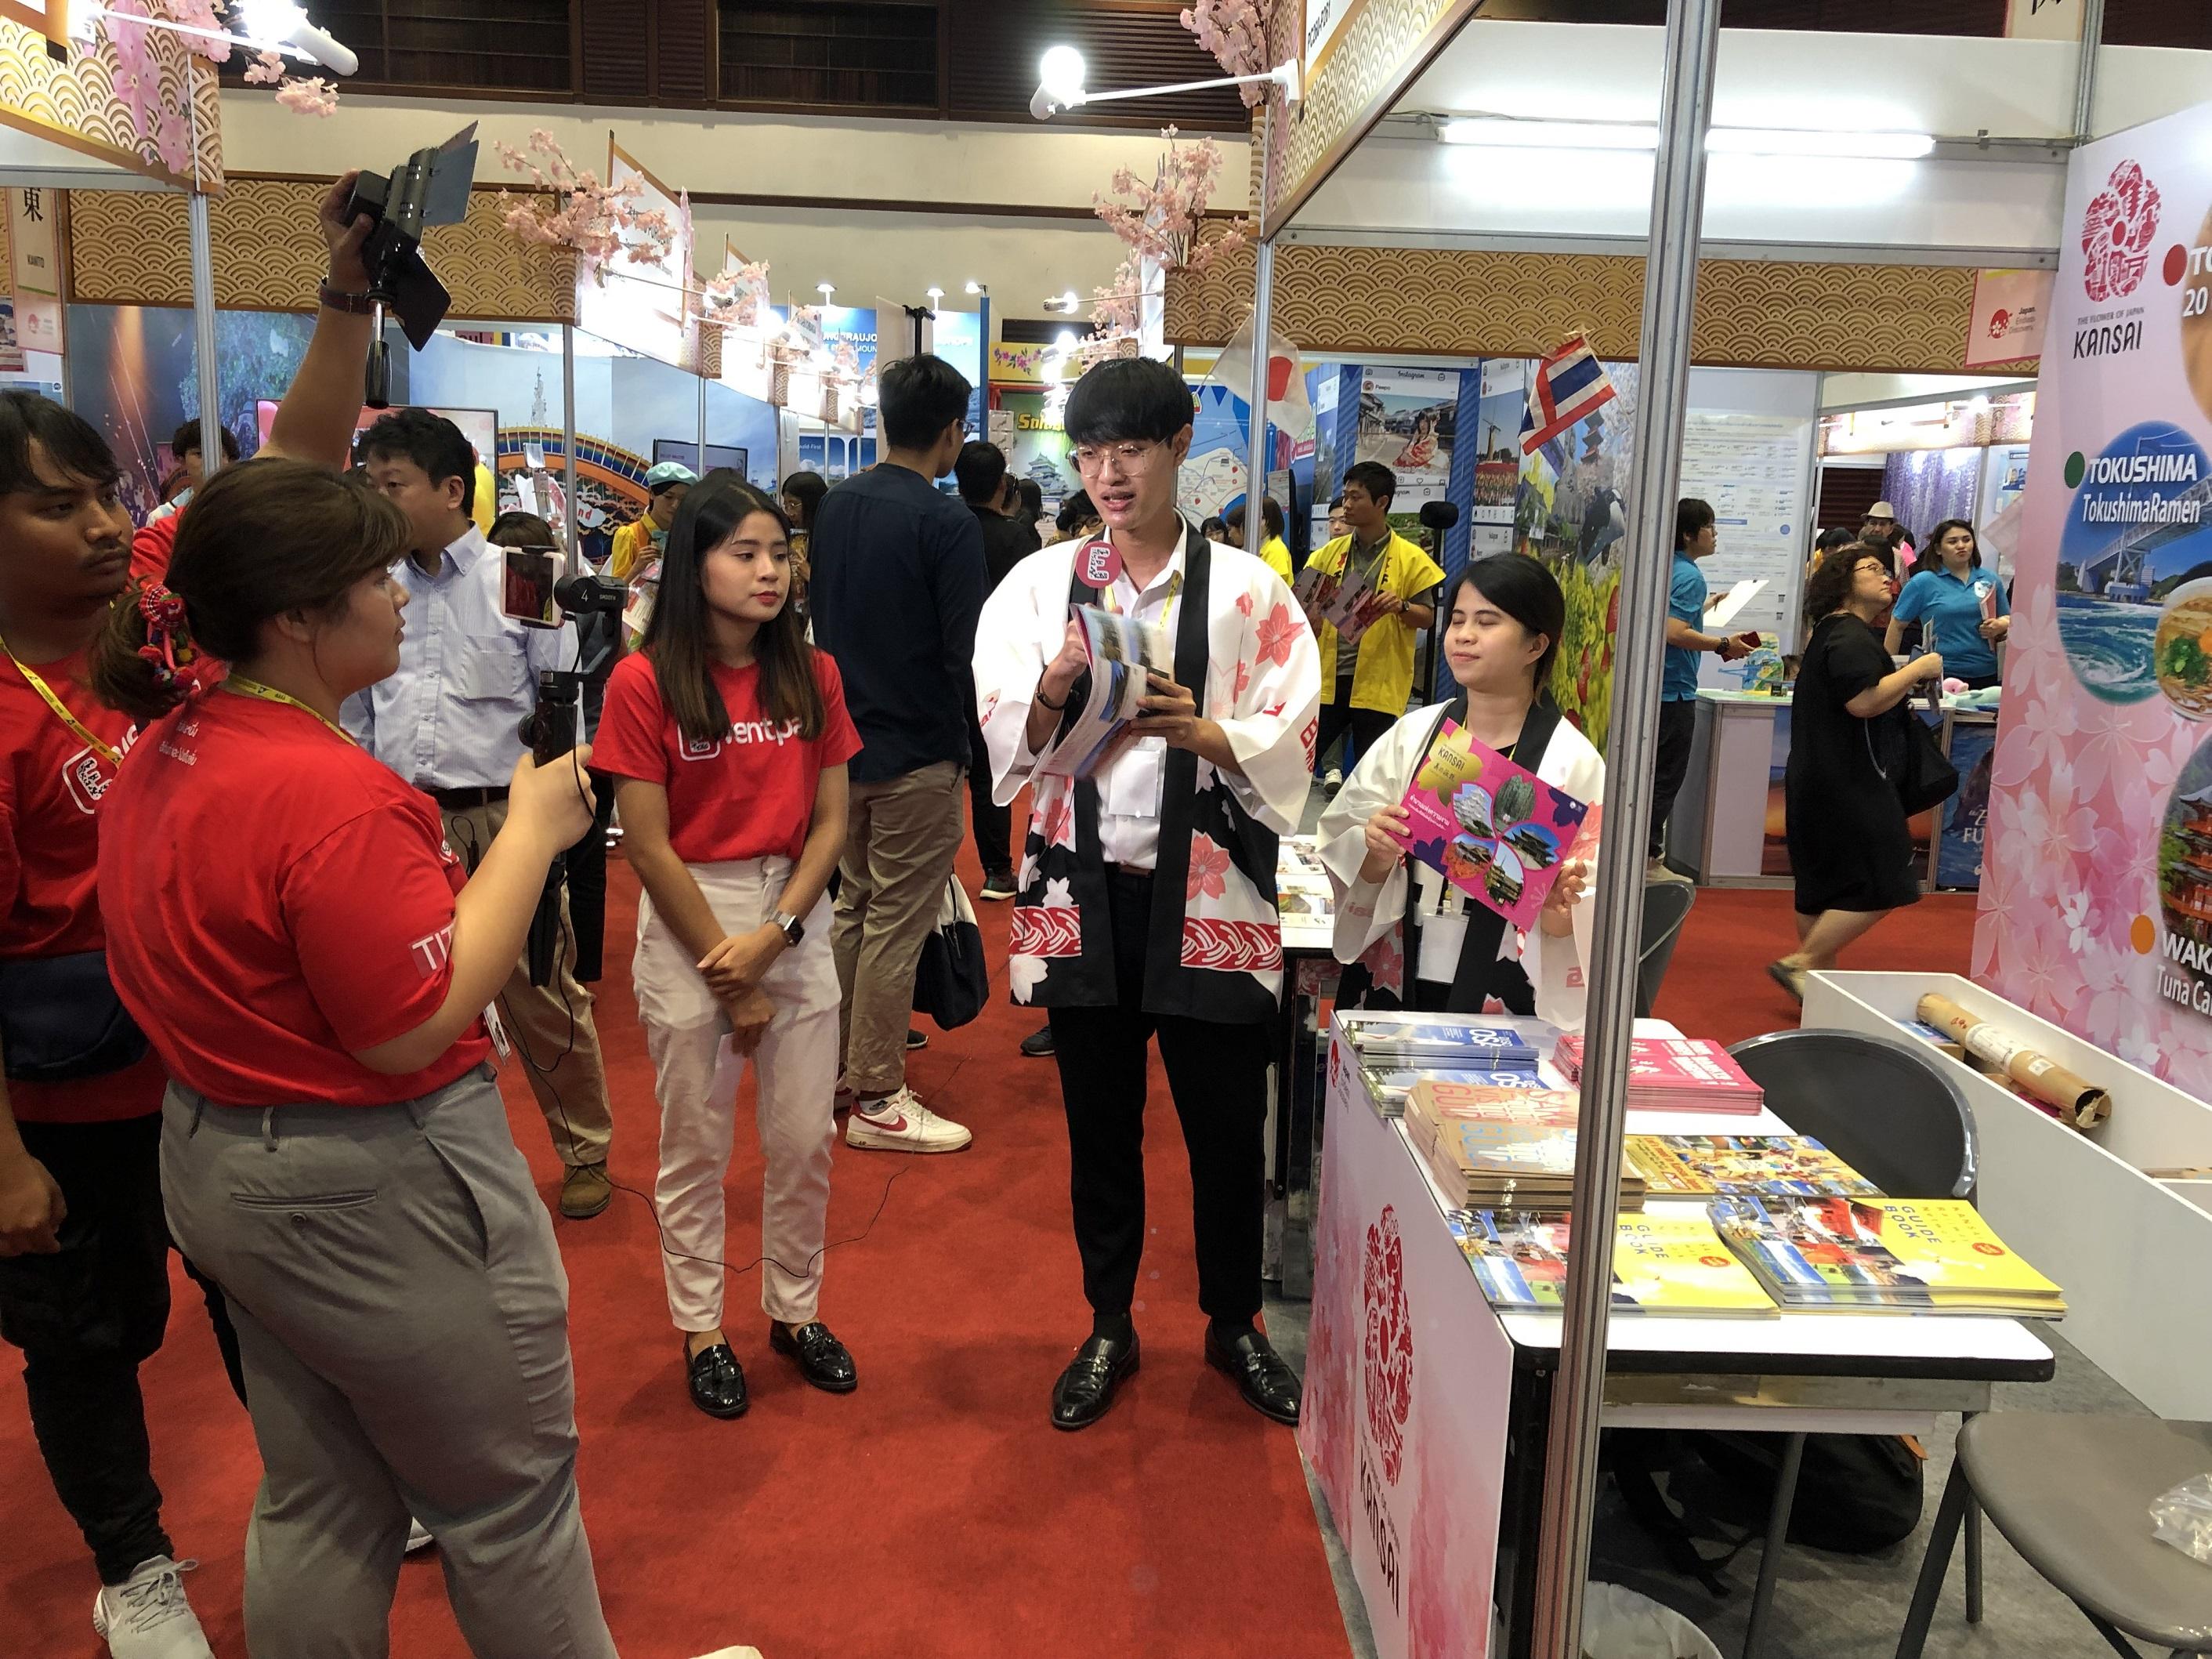 タイ国際旅行フェア「Thai International Travel Fair #24(第24回TITF)」でKANSAI プロモーションを実施しました